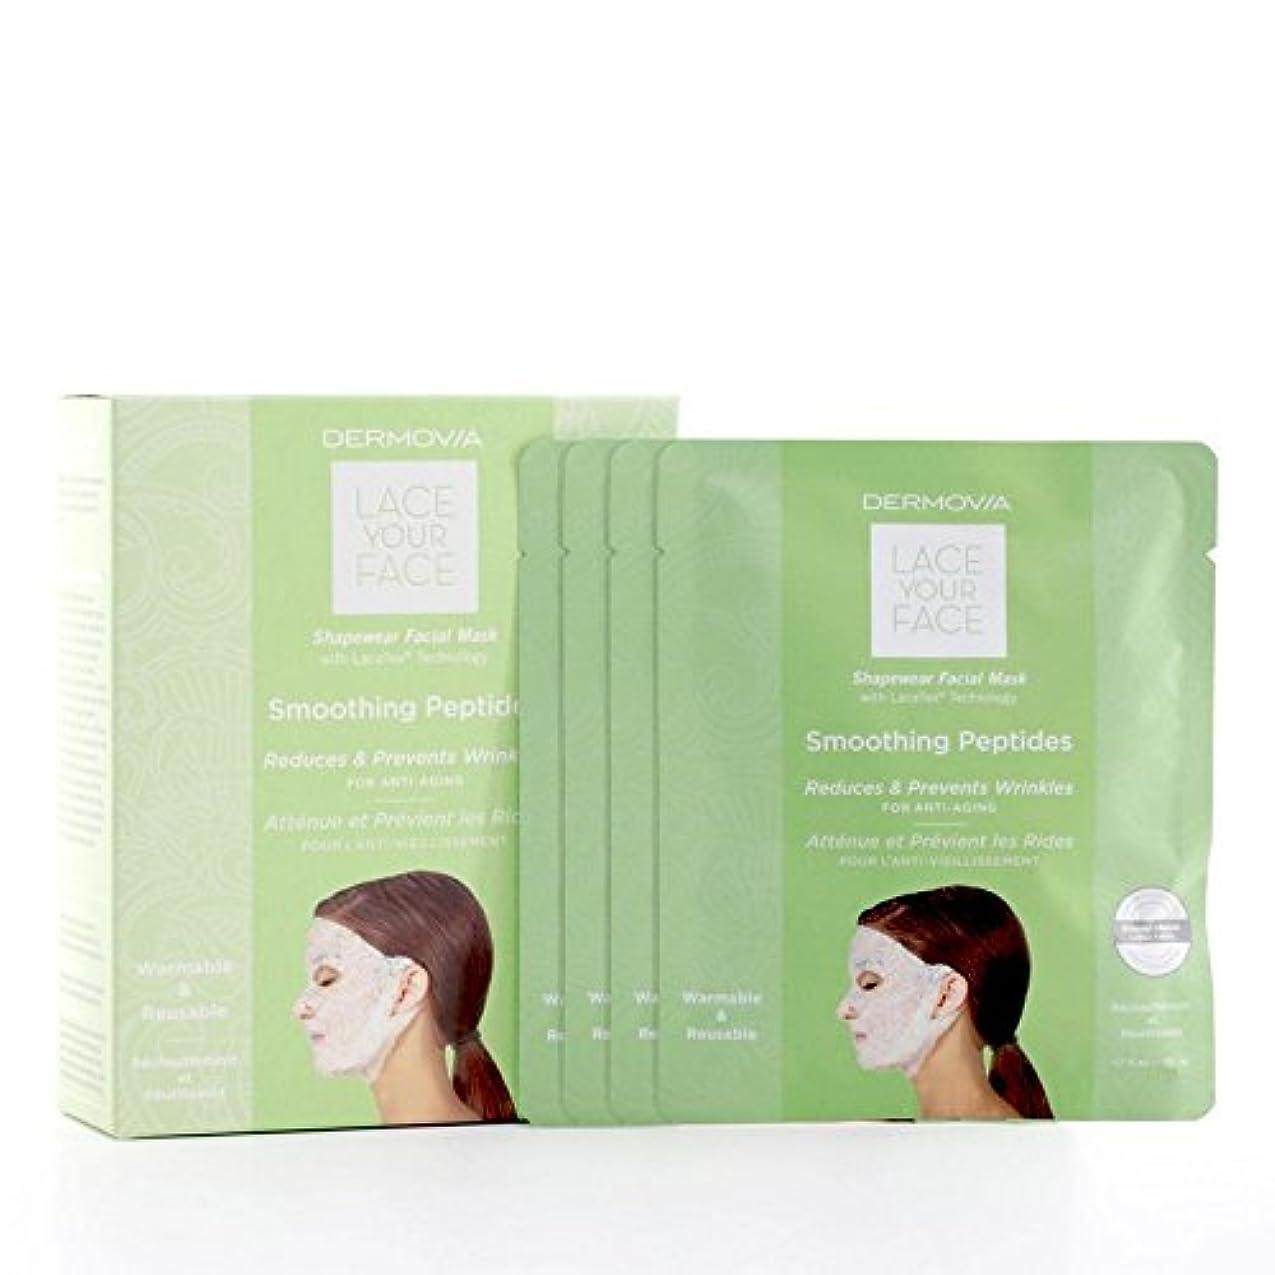 組立知る平等は、あなたの顔の圧縮フェイシャルマスク平滑化ペプチドをひもで締めます x2 - Dermovia Lace Your Face Compression Facial Mask Smoothing Peptides (Pack...